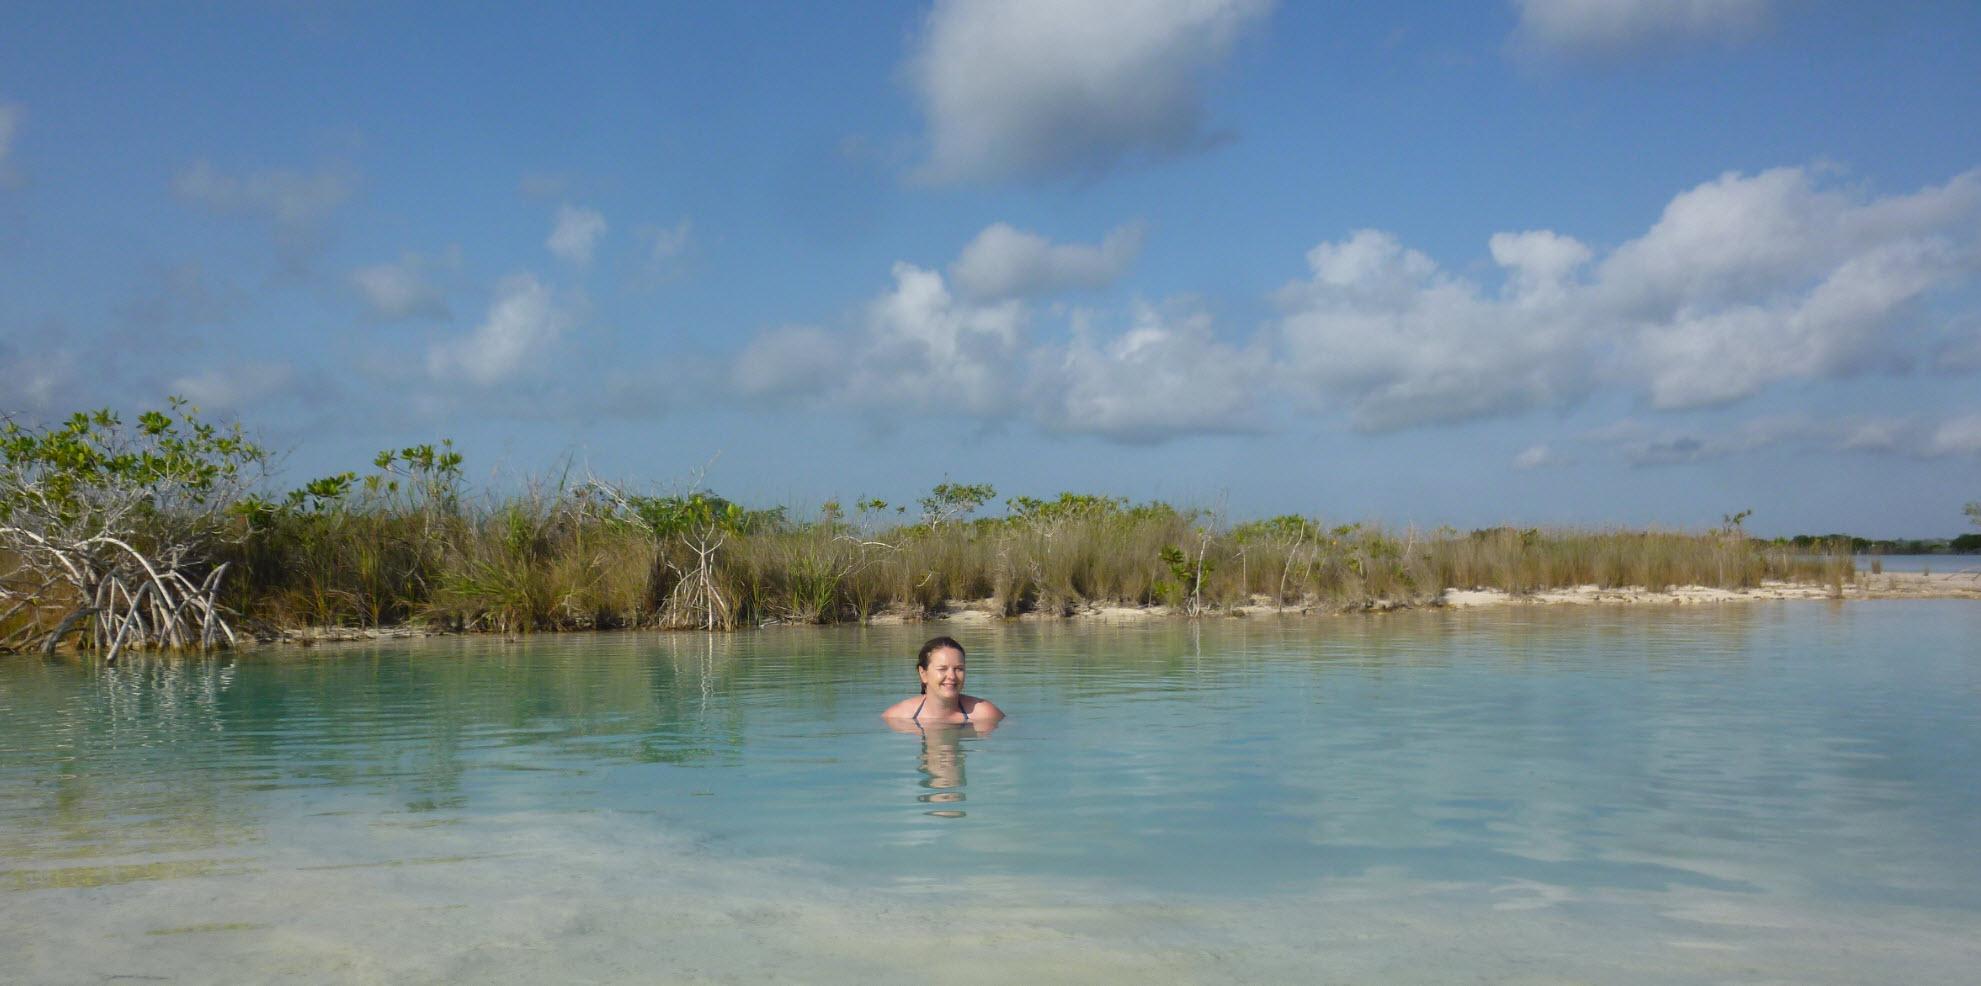 laguna bacalar mexico meer van zeven tinten blauw